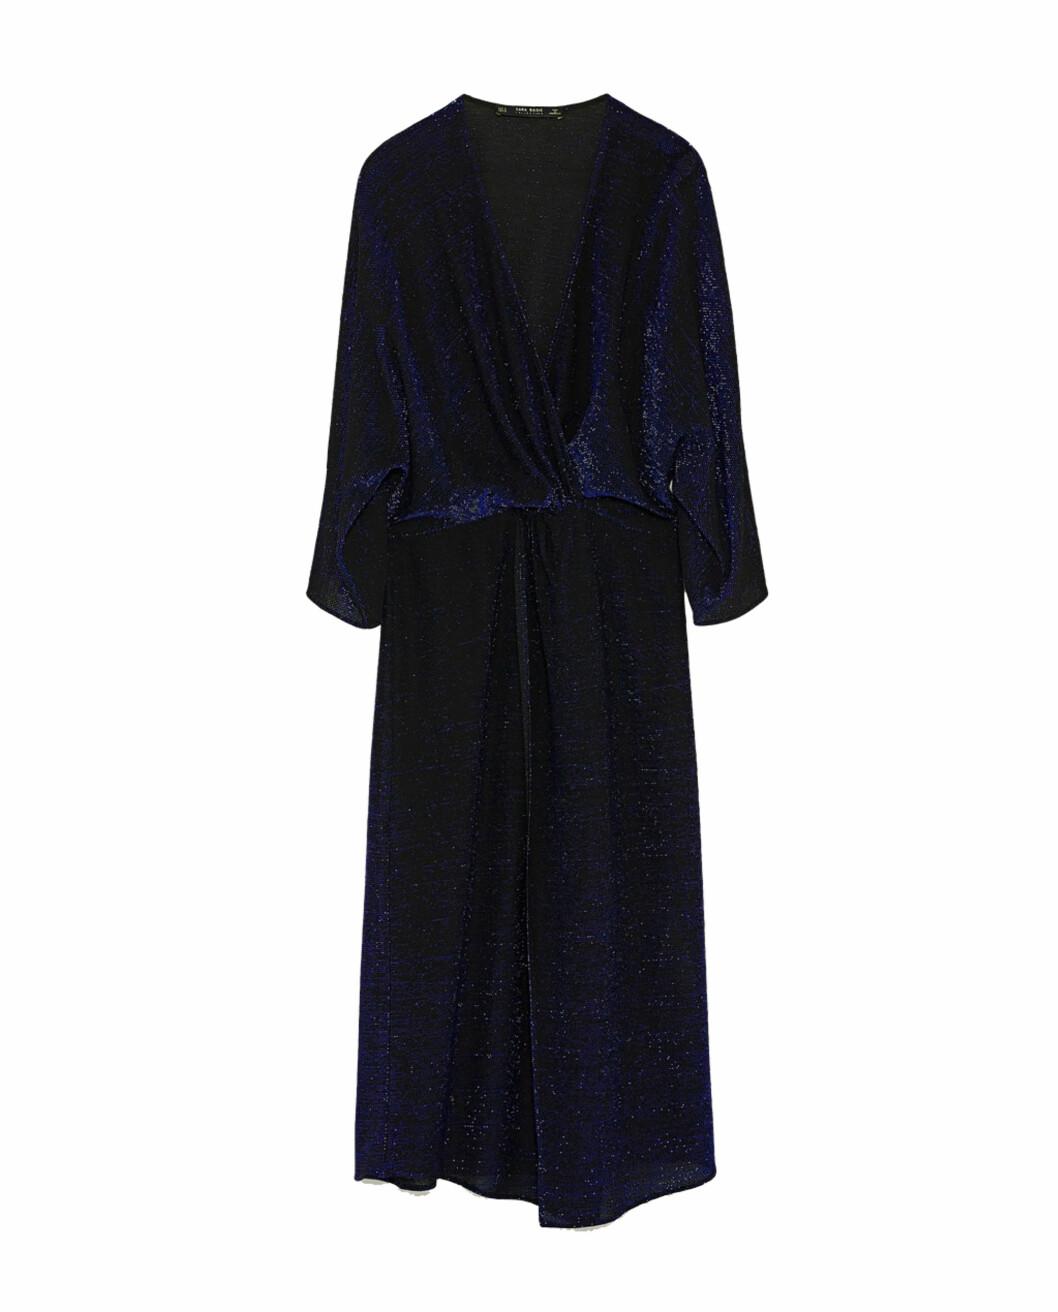 Kjole fra Zara  499,-  https://www.zara.com/no/no/dame/nyheter/omslagskjole-med-glans-c840002p5256518.html